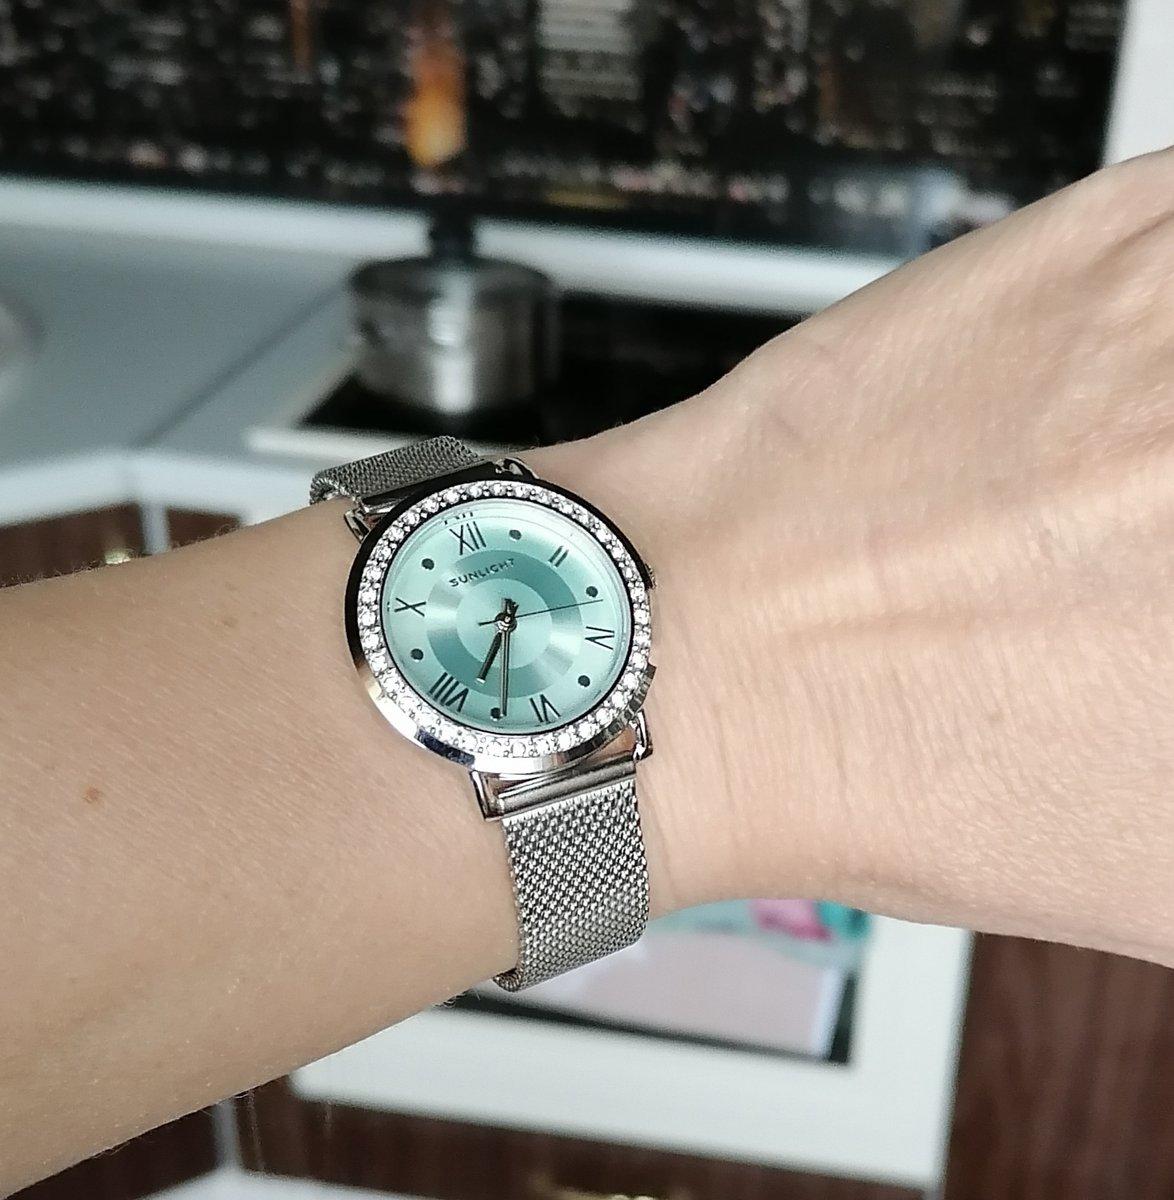 Часы с кристаллами на миланском браслете